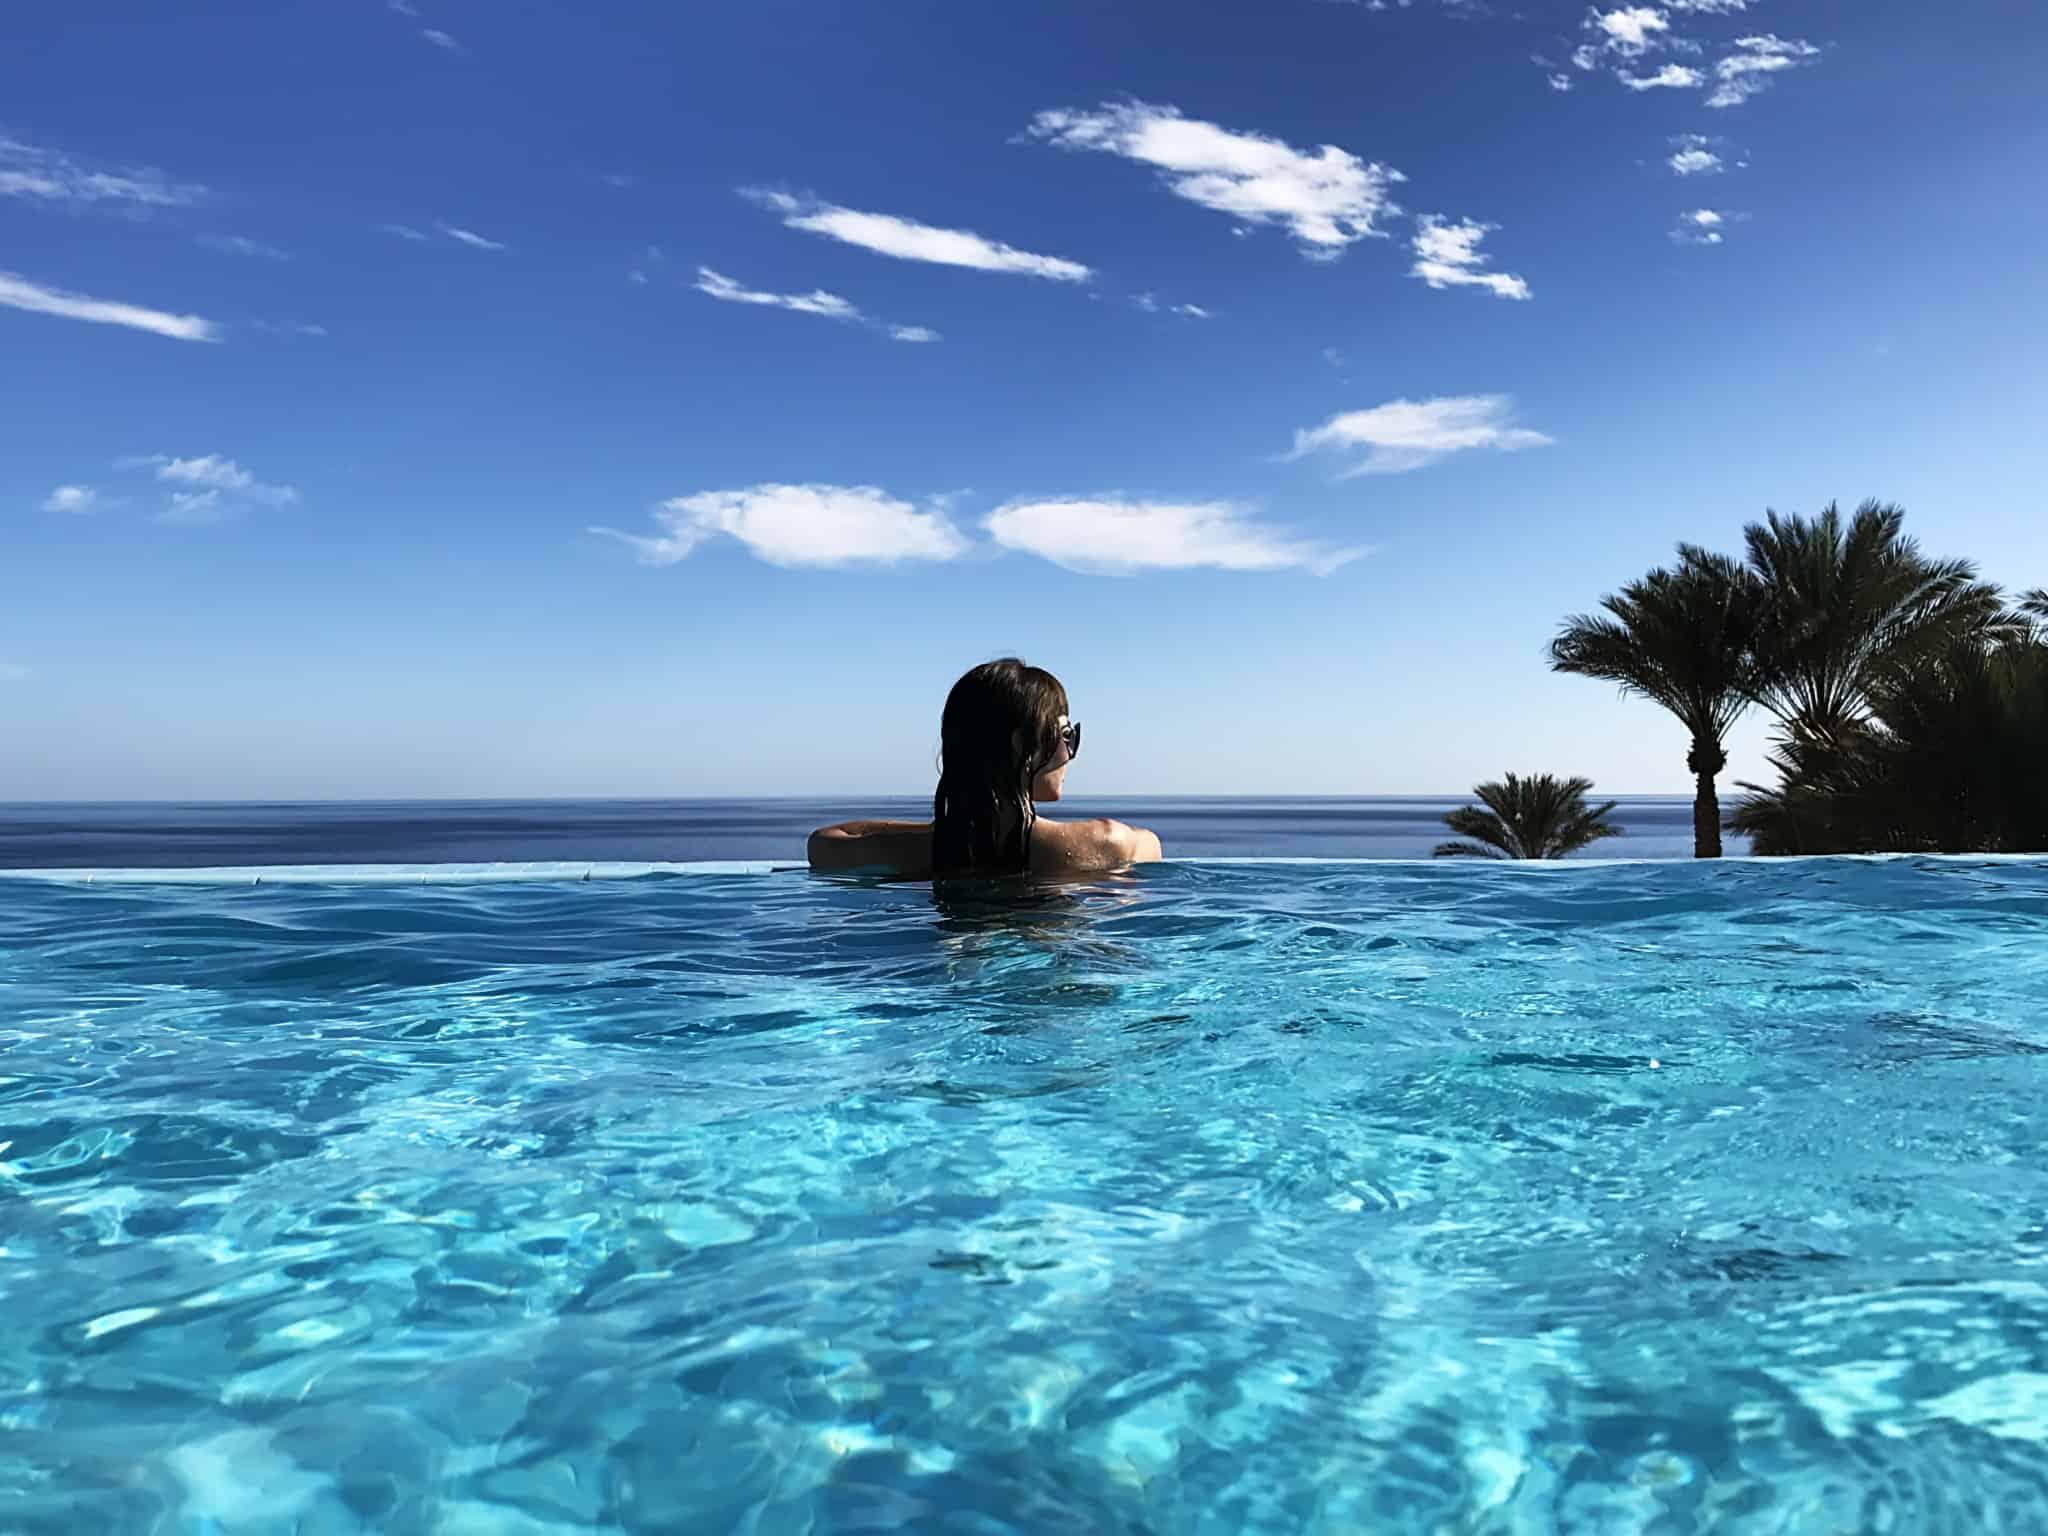 rapariga em piscina num paraíso tropical